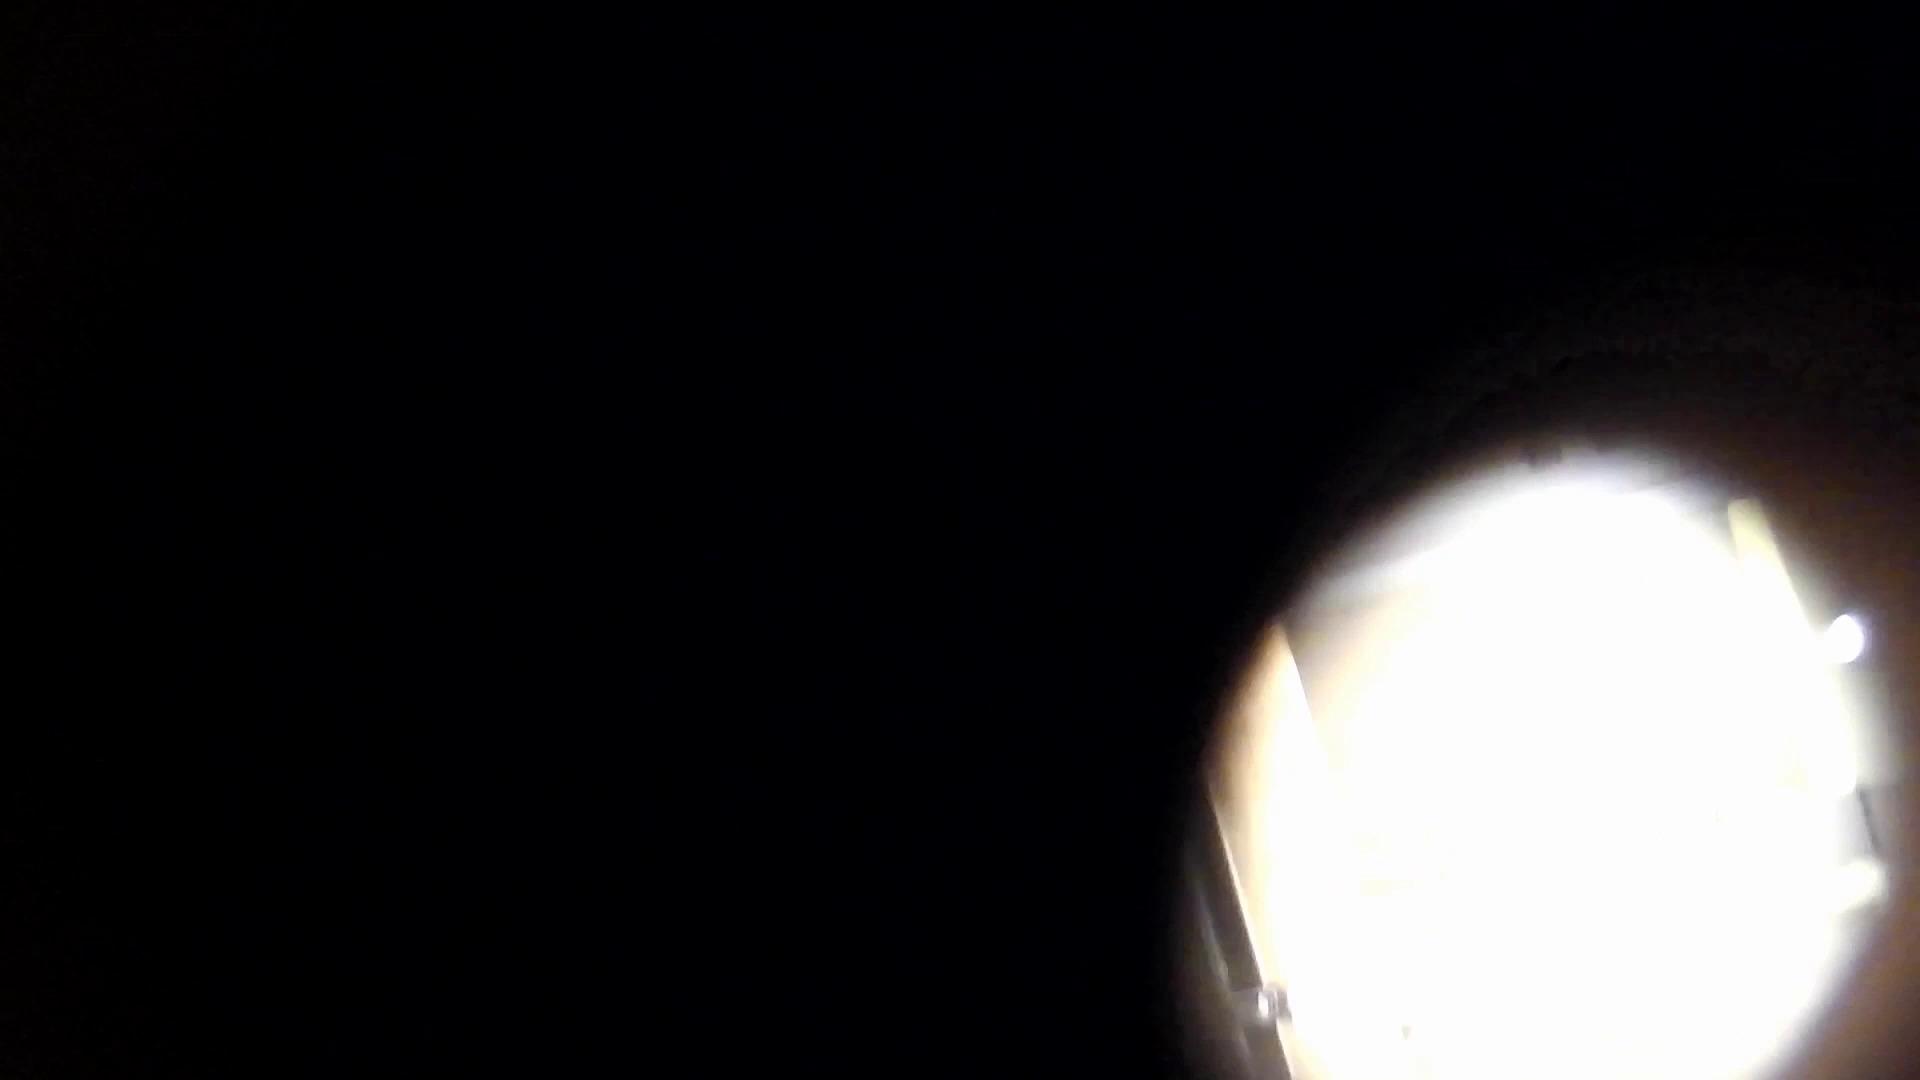 和式洋式七変化 Vol.33 上から下から噴射しちゃってます。 和式 覗きおまんこ画像 91PIX 17